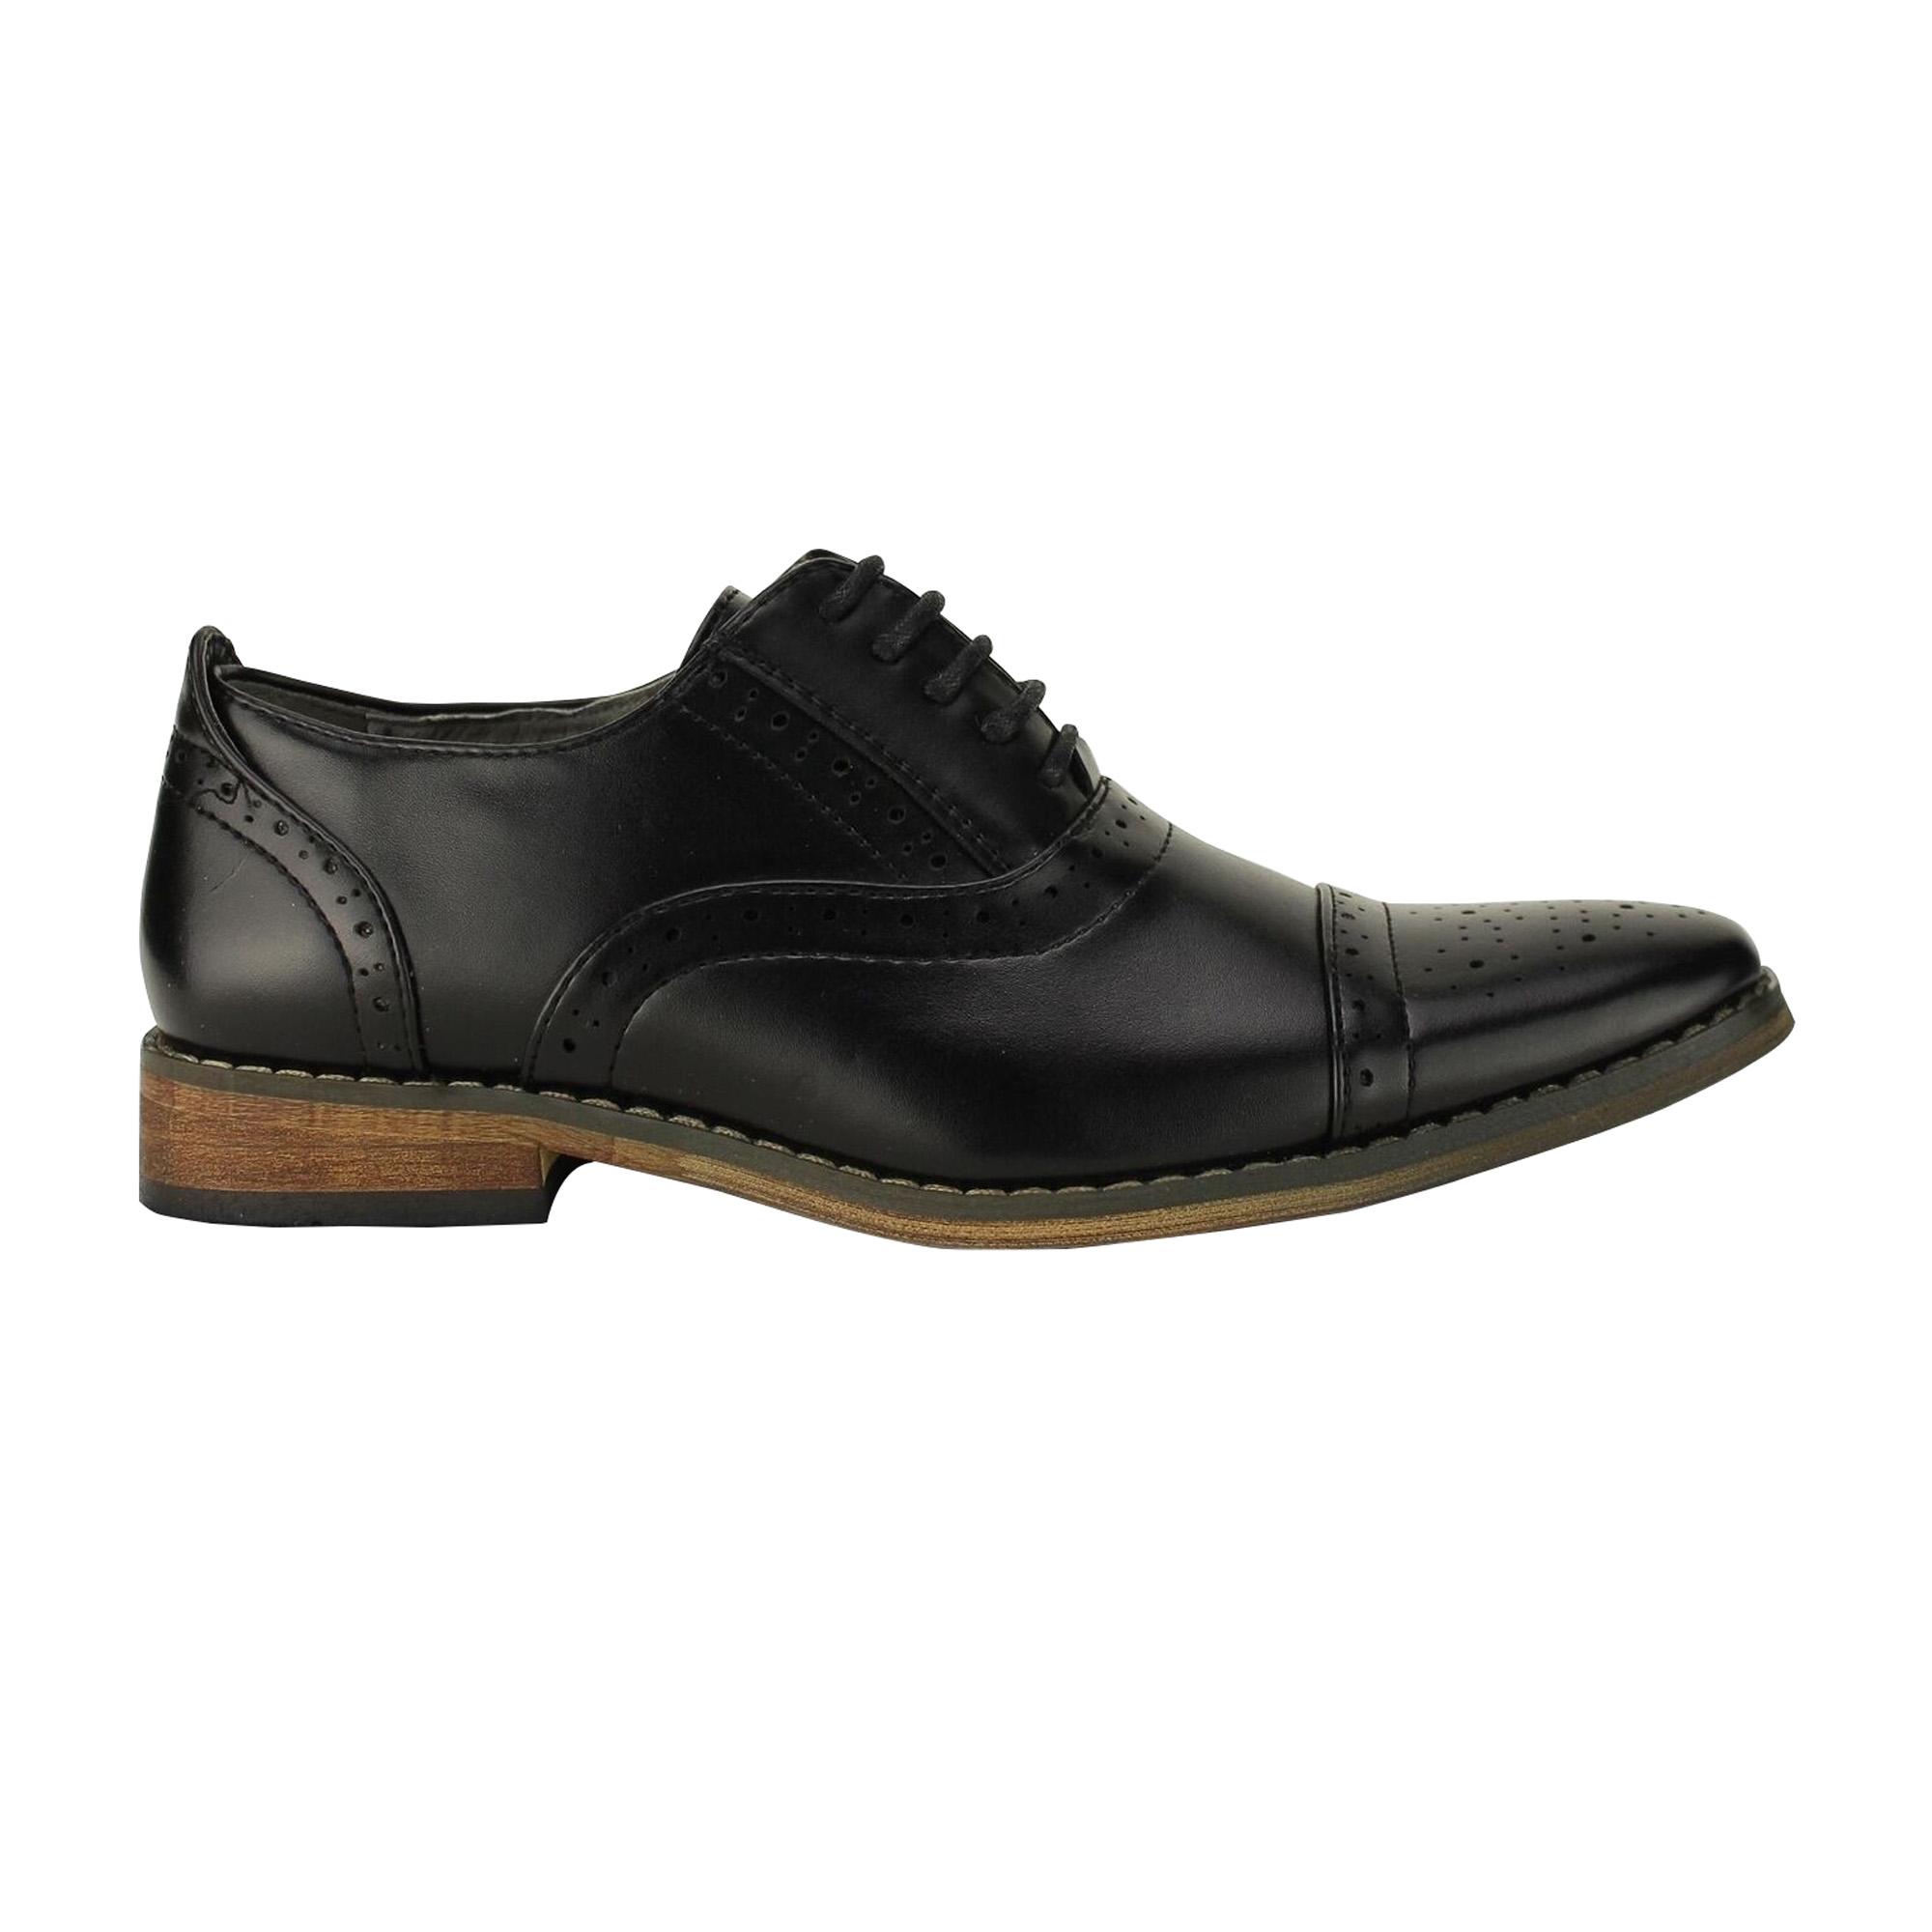 miniature 7 - Goor - Chaussure a lacet - Garçon (DF1400)